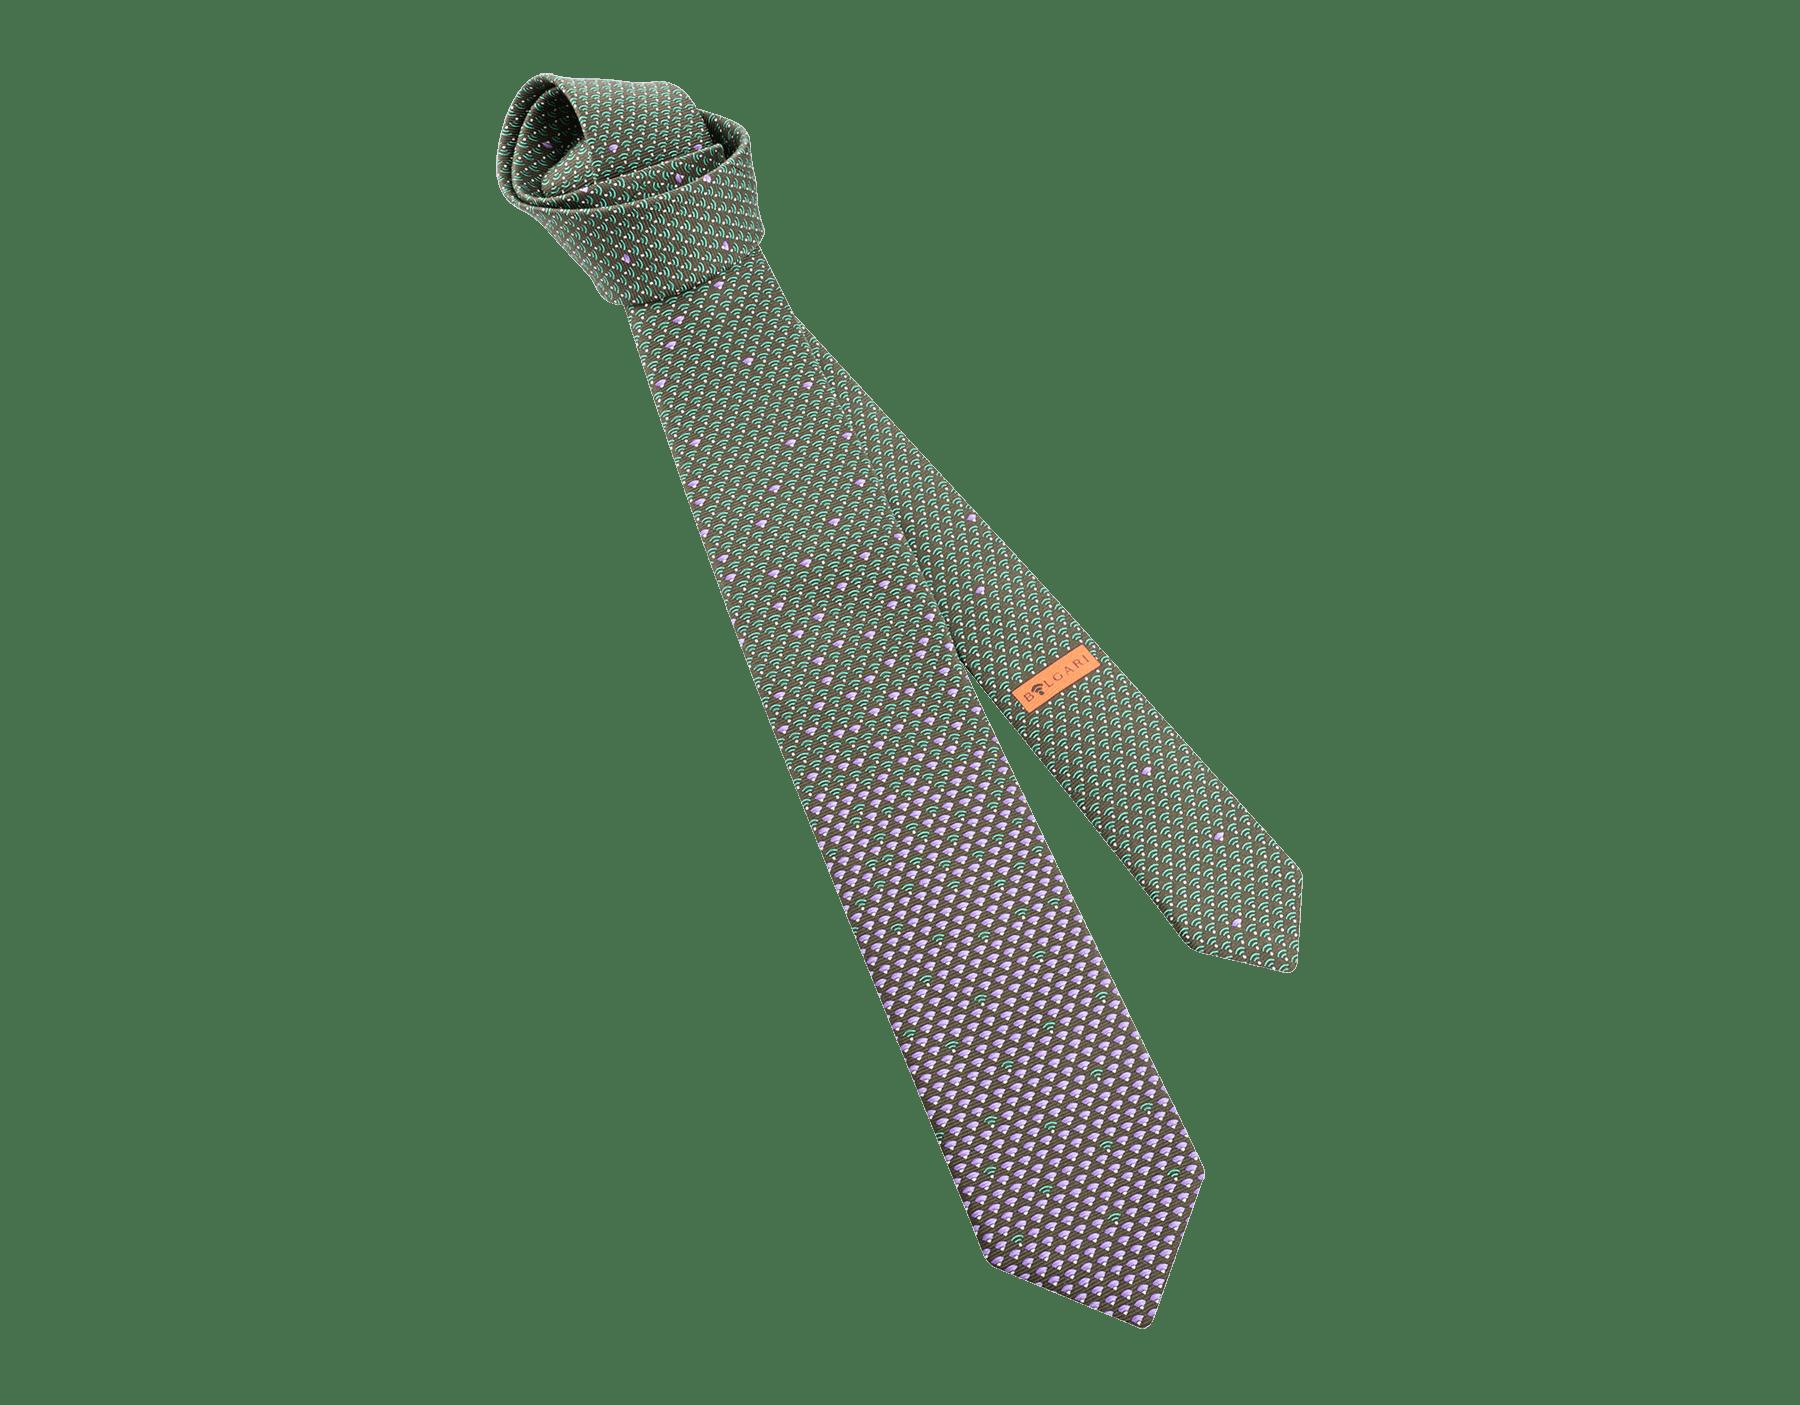 Corbata de siete pliegues color jade en seda saglione fina estampada WI Diva. 244385 image 1